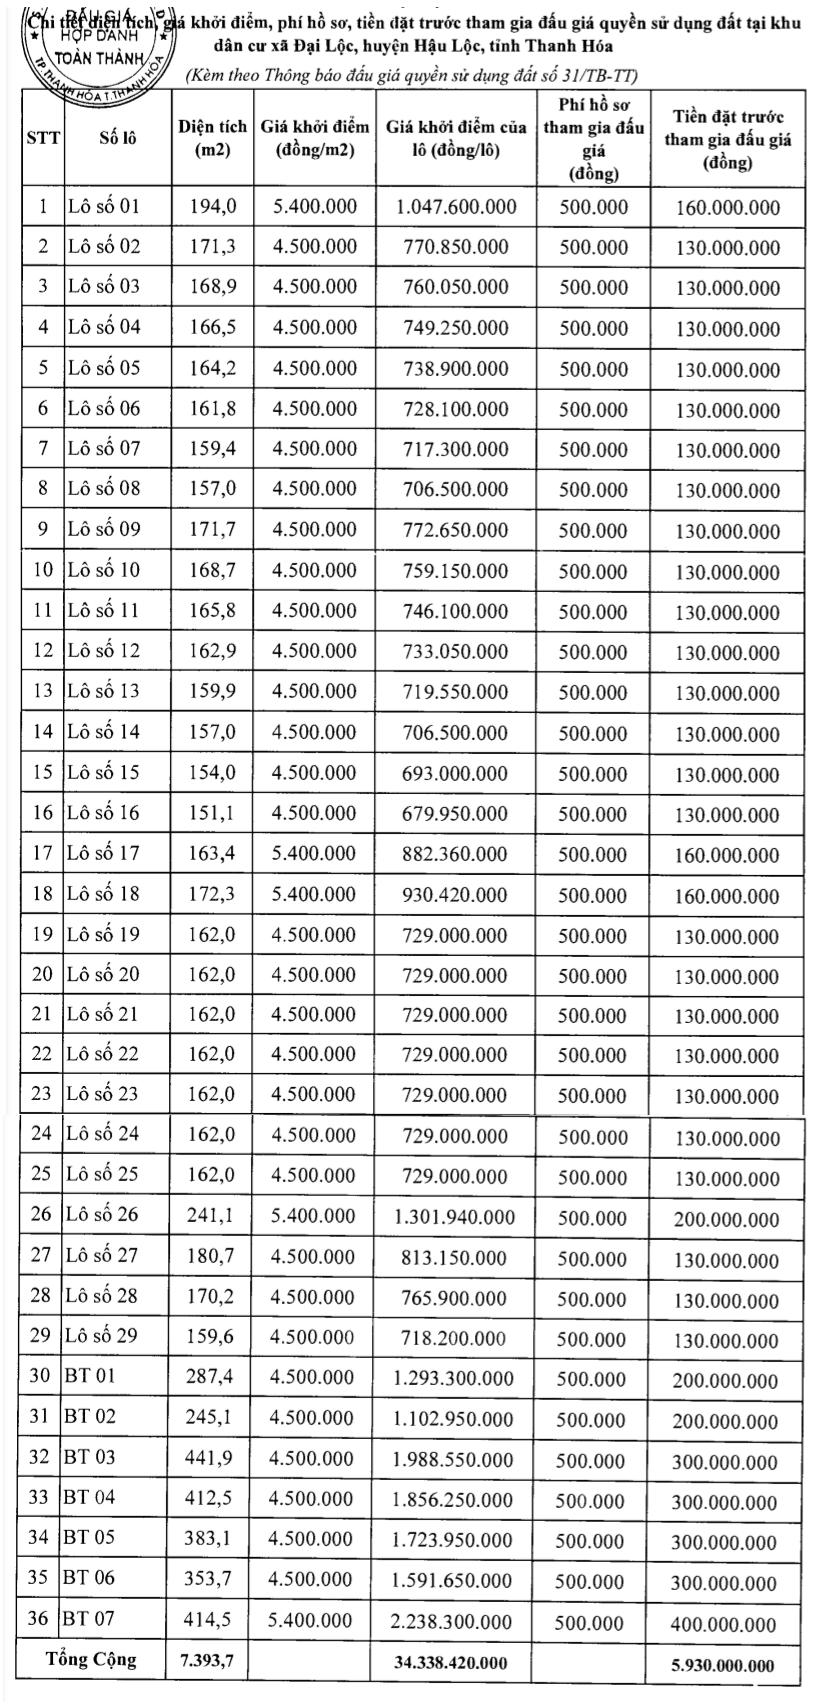 Hậu Lộc, Thanh Hóa sắp đấu giá 12 lô đất, khởi điểm từ 4,5 nghìn đồng/m2 - Ảnh 1.